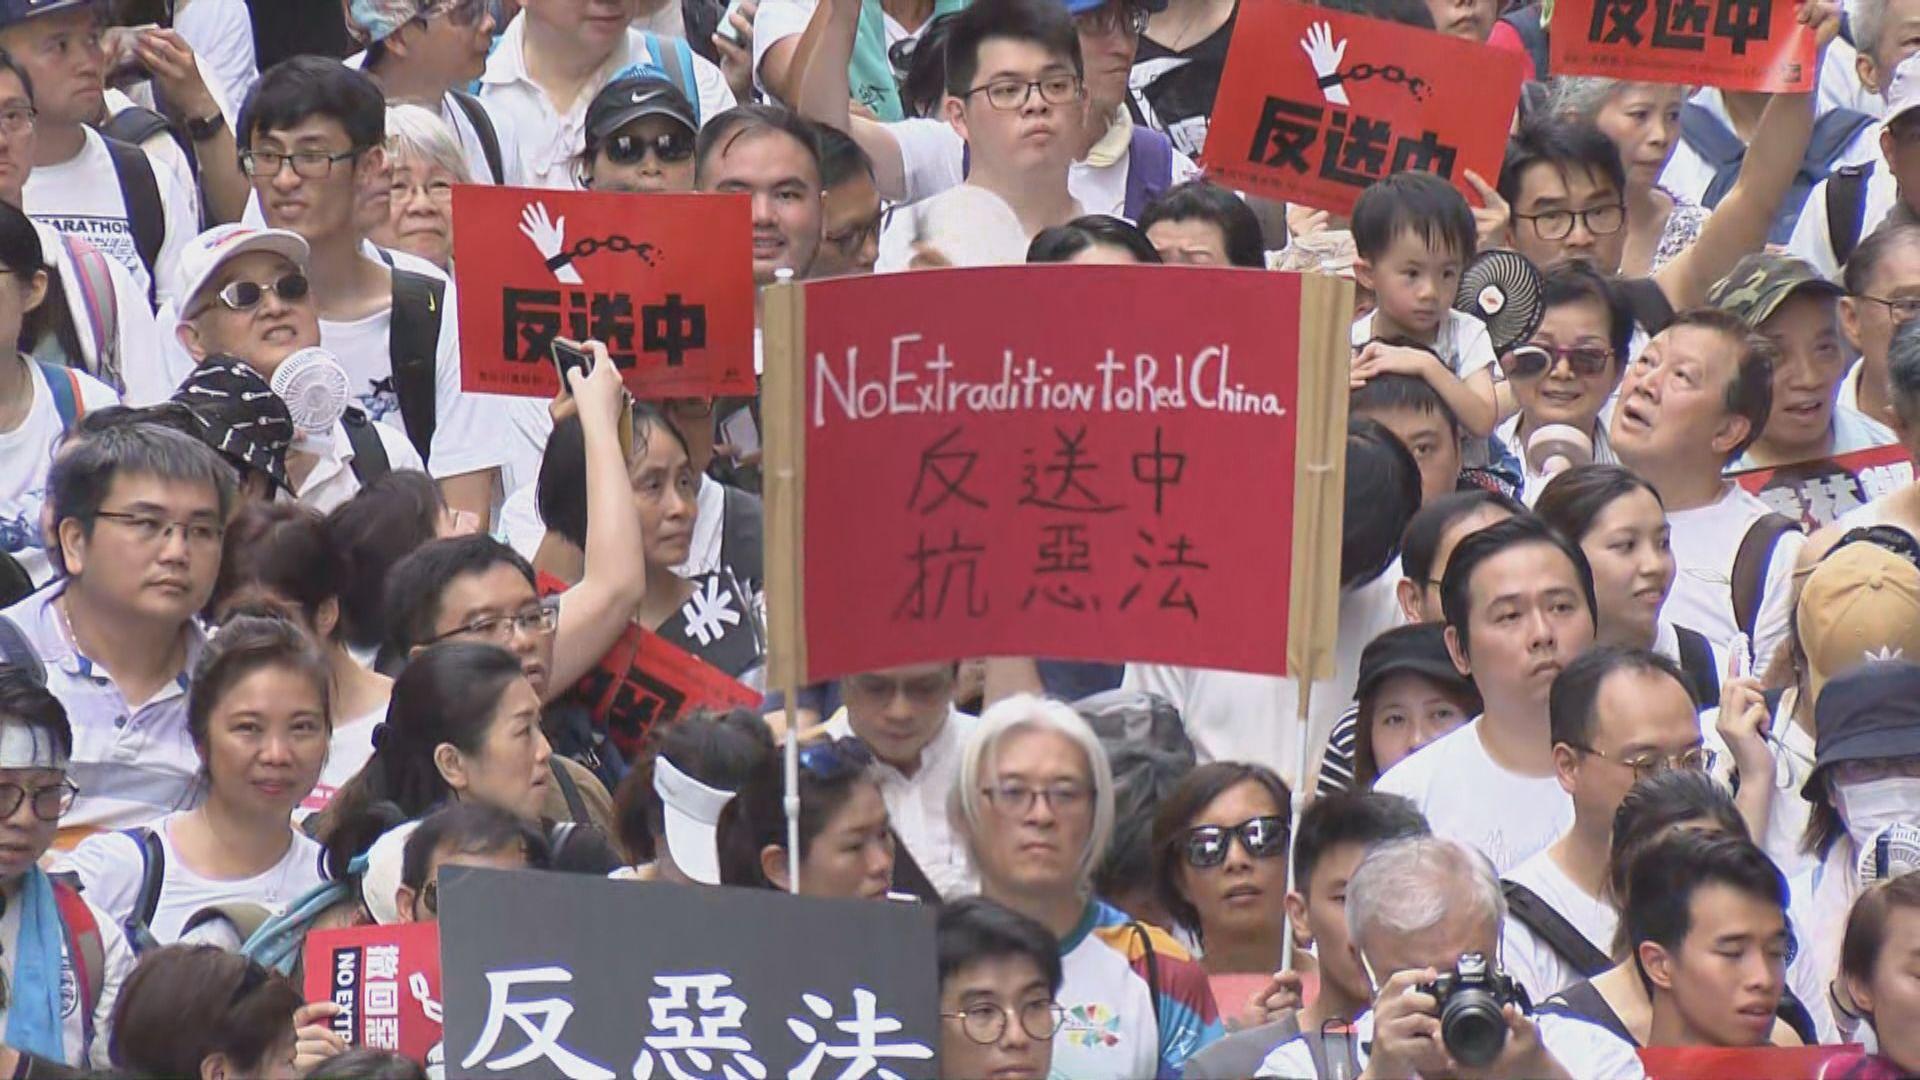 陳茂波:冀修補政府與公眾嫌隙